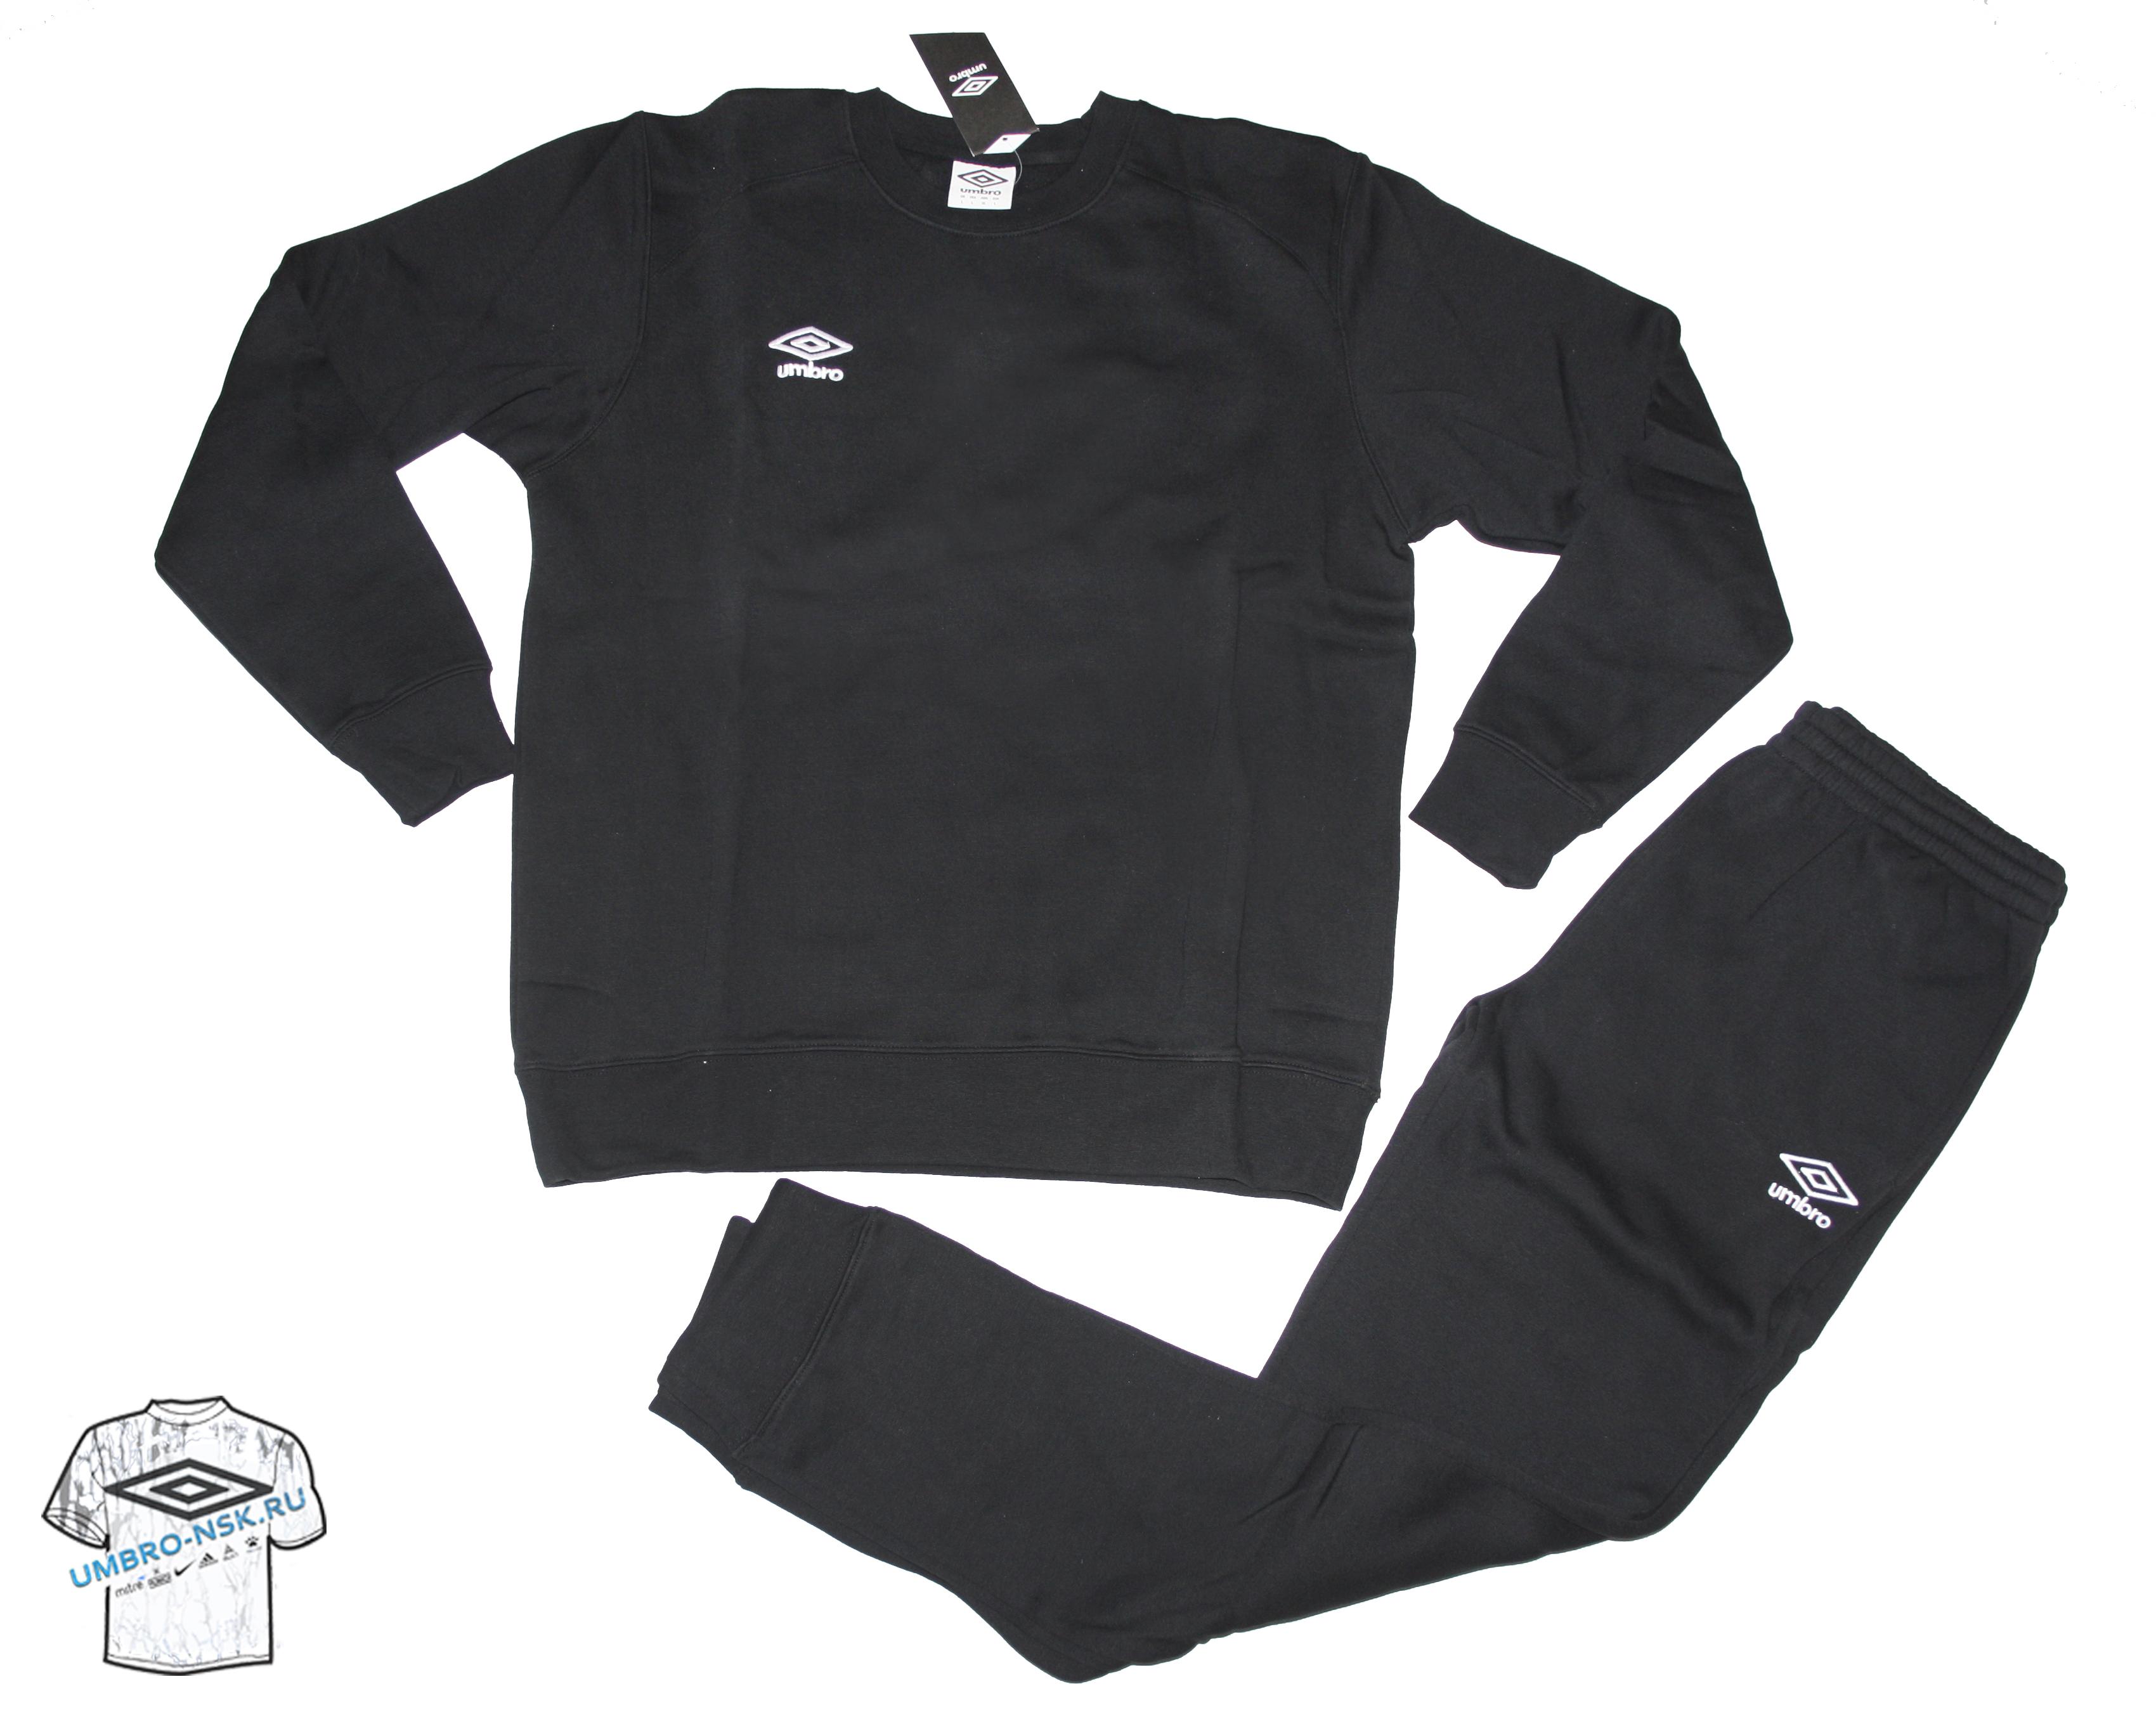 чёрный спортивный костюм Umbro Uniform Cotton